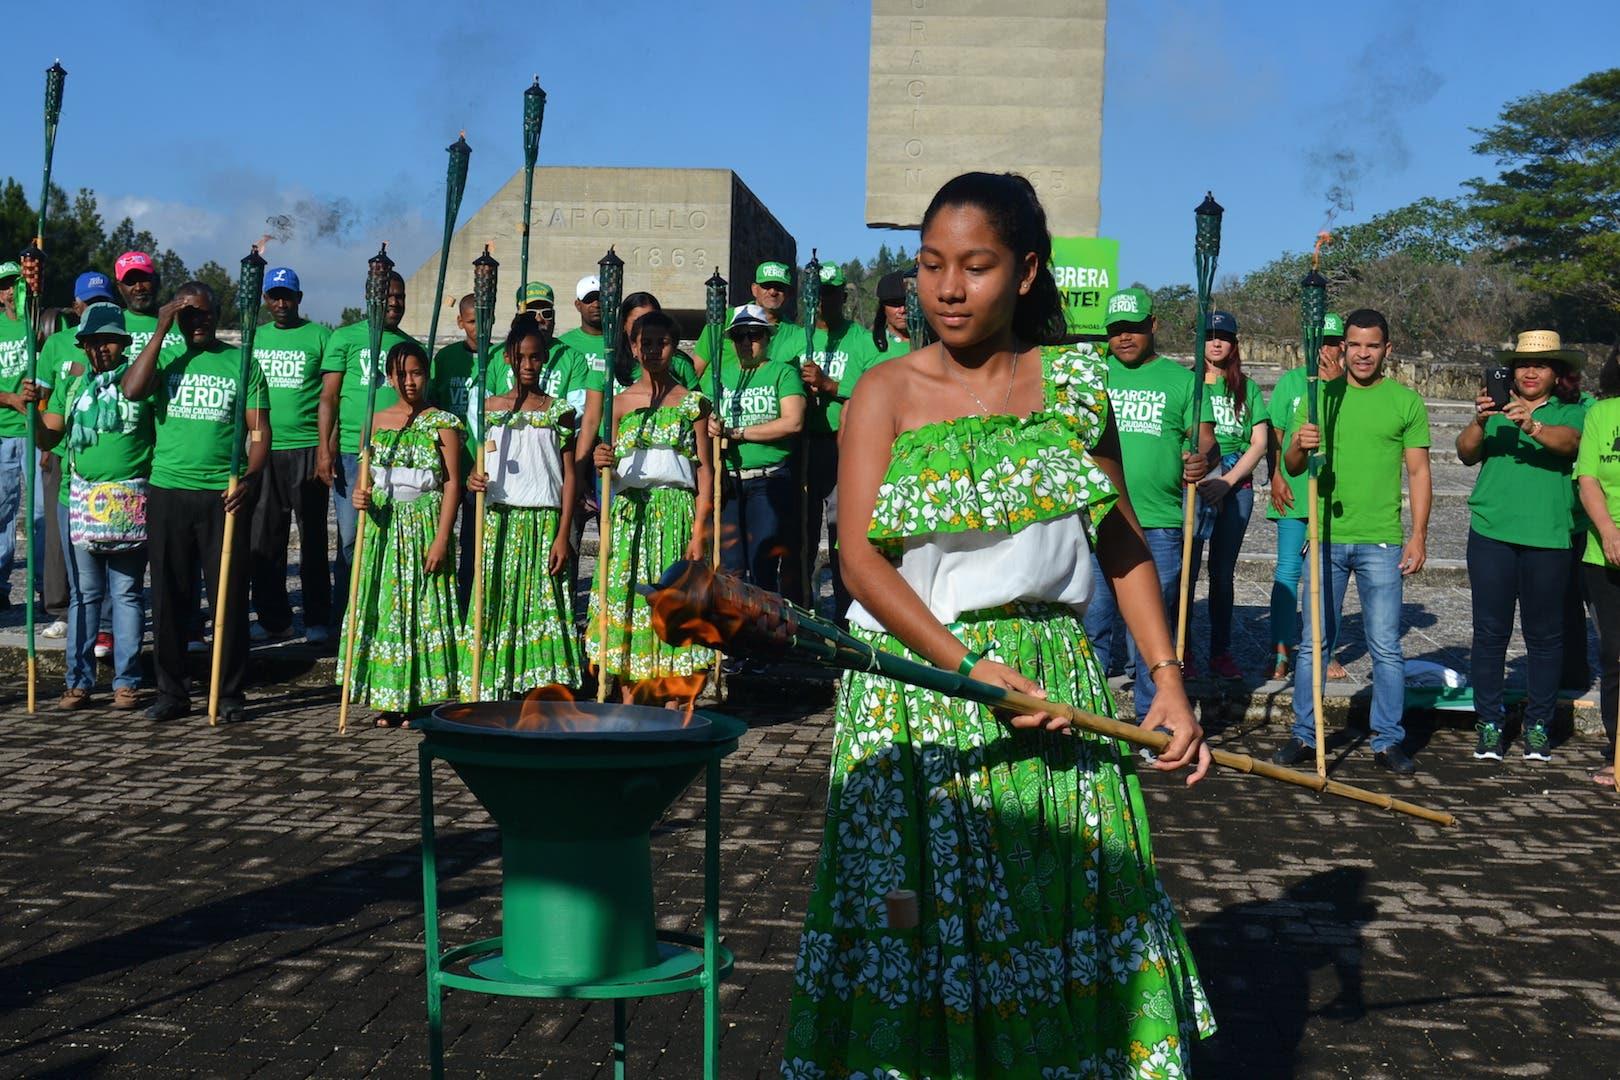 Encienden en Dajabón la «Llama Verde» del Fin de la Impunidad